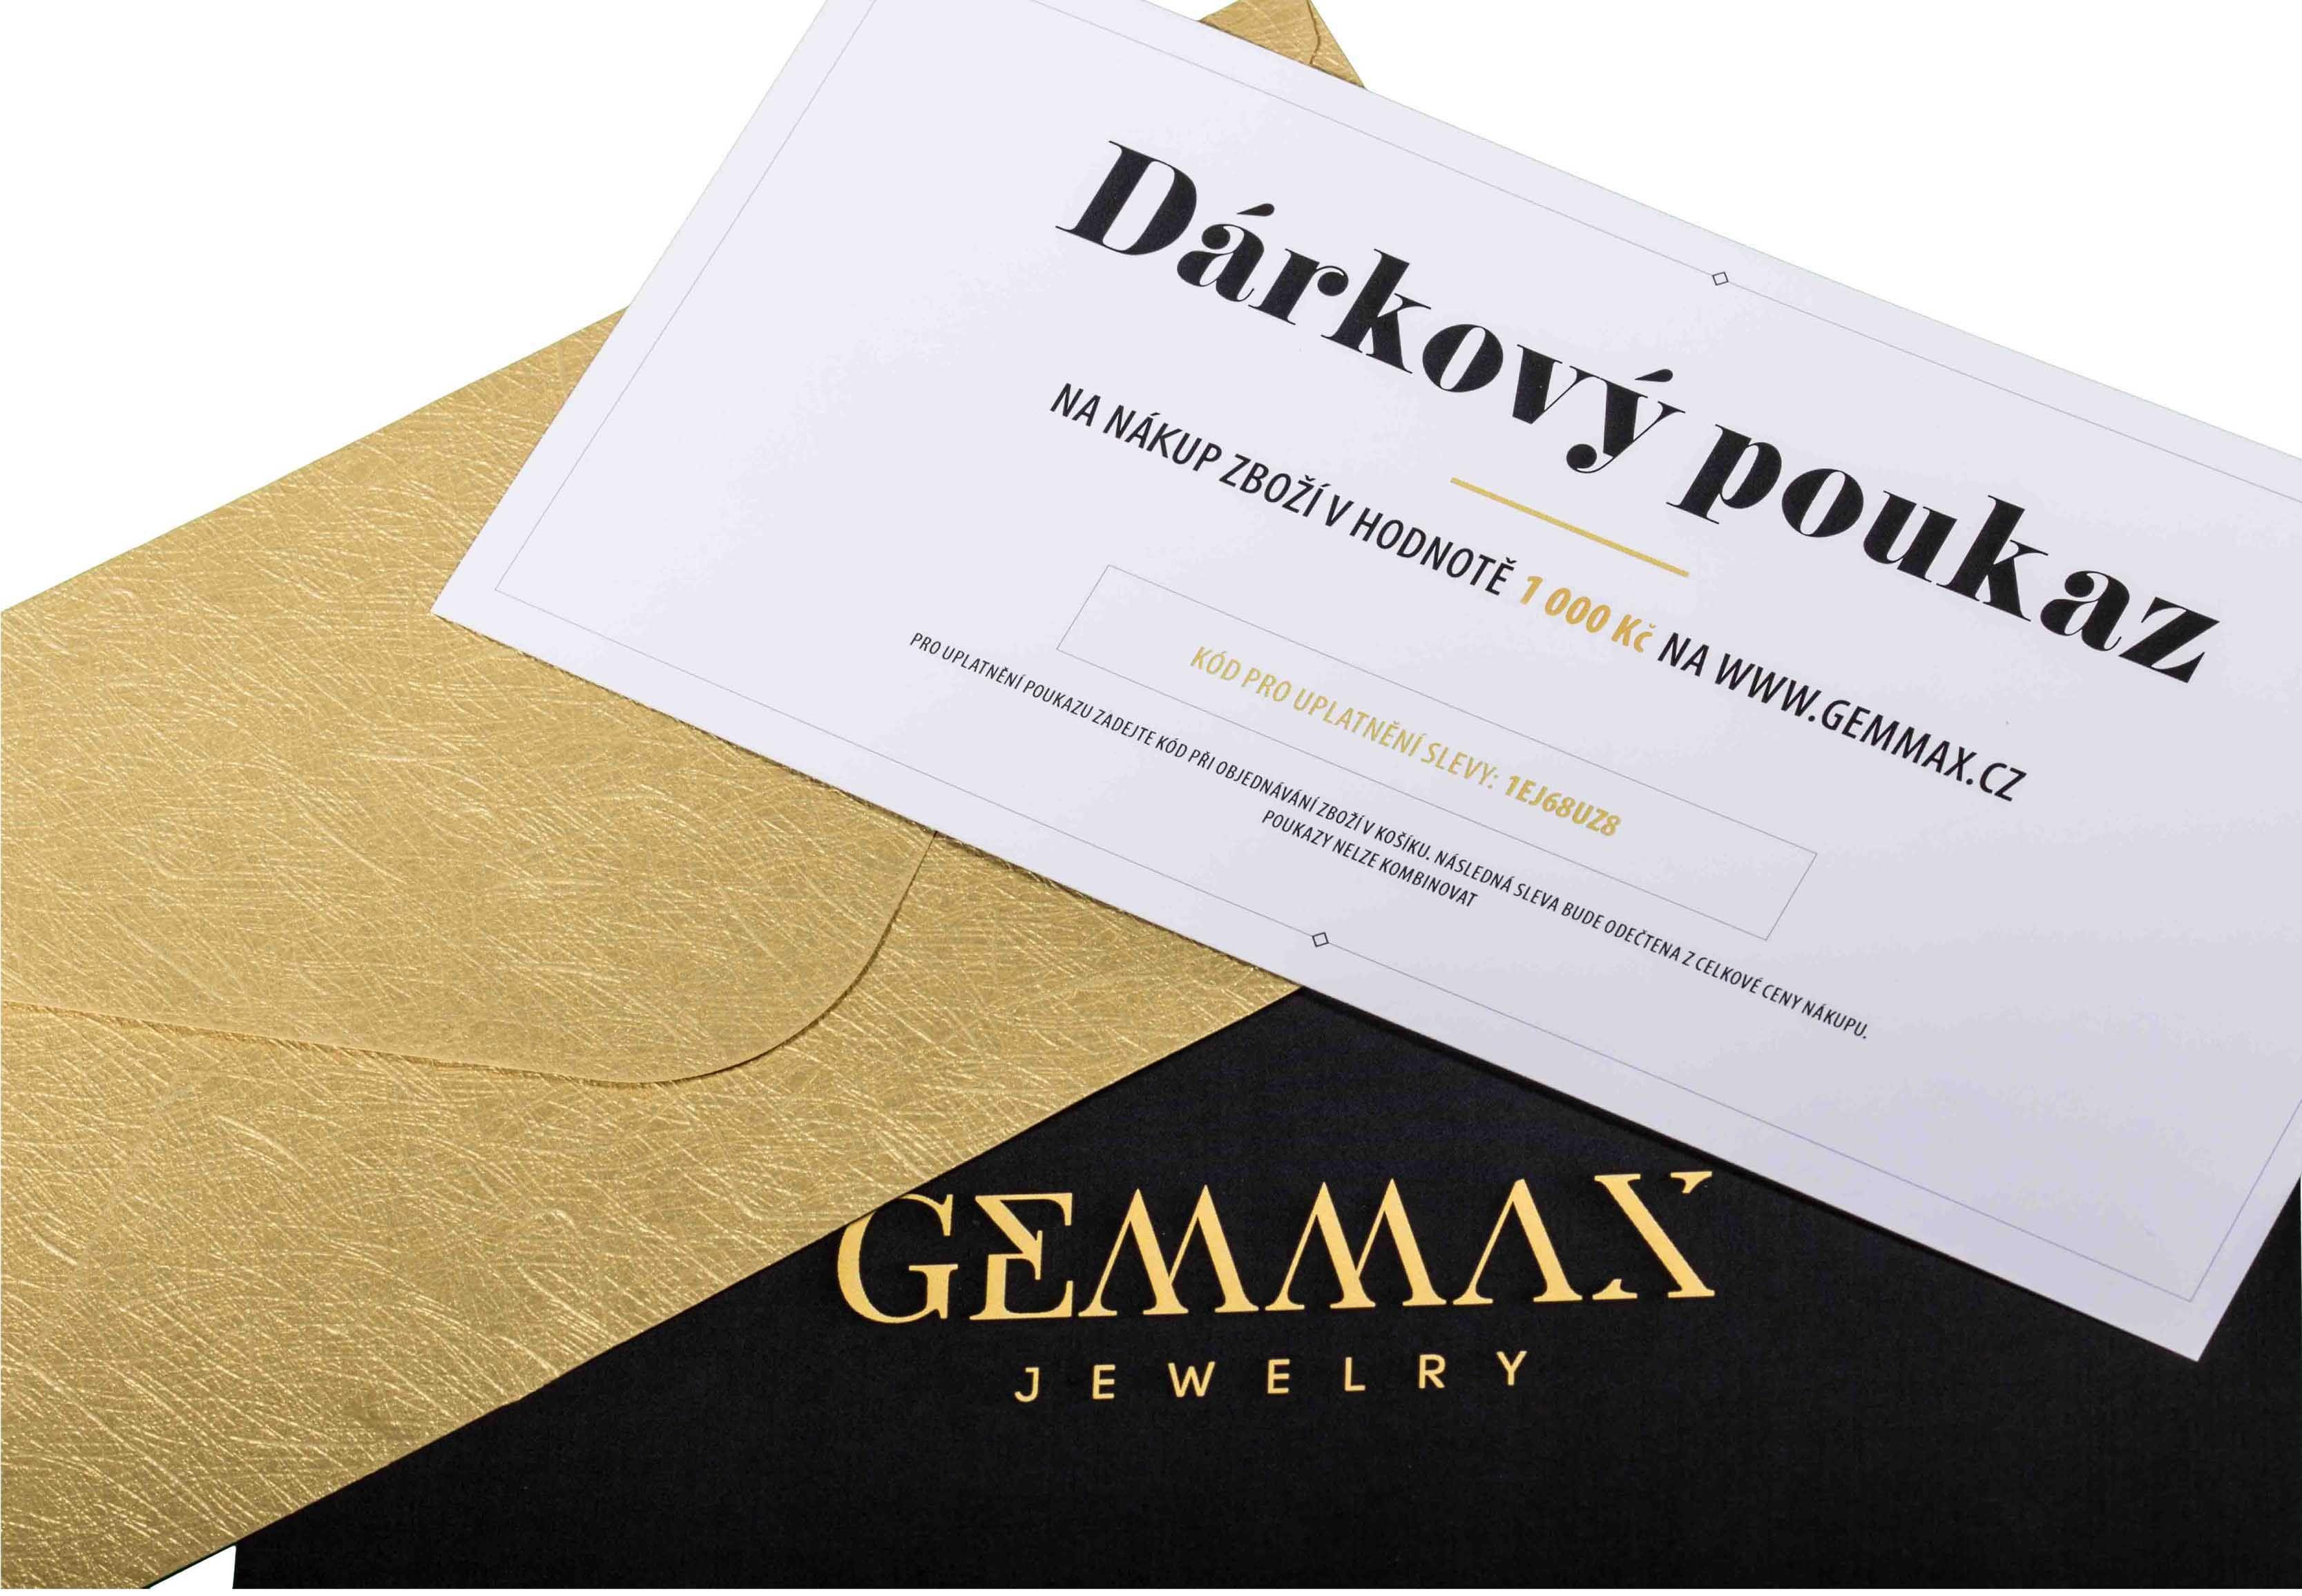 Pin by gemmax jewelry on gift voucher dárkový poukaz pinterest